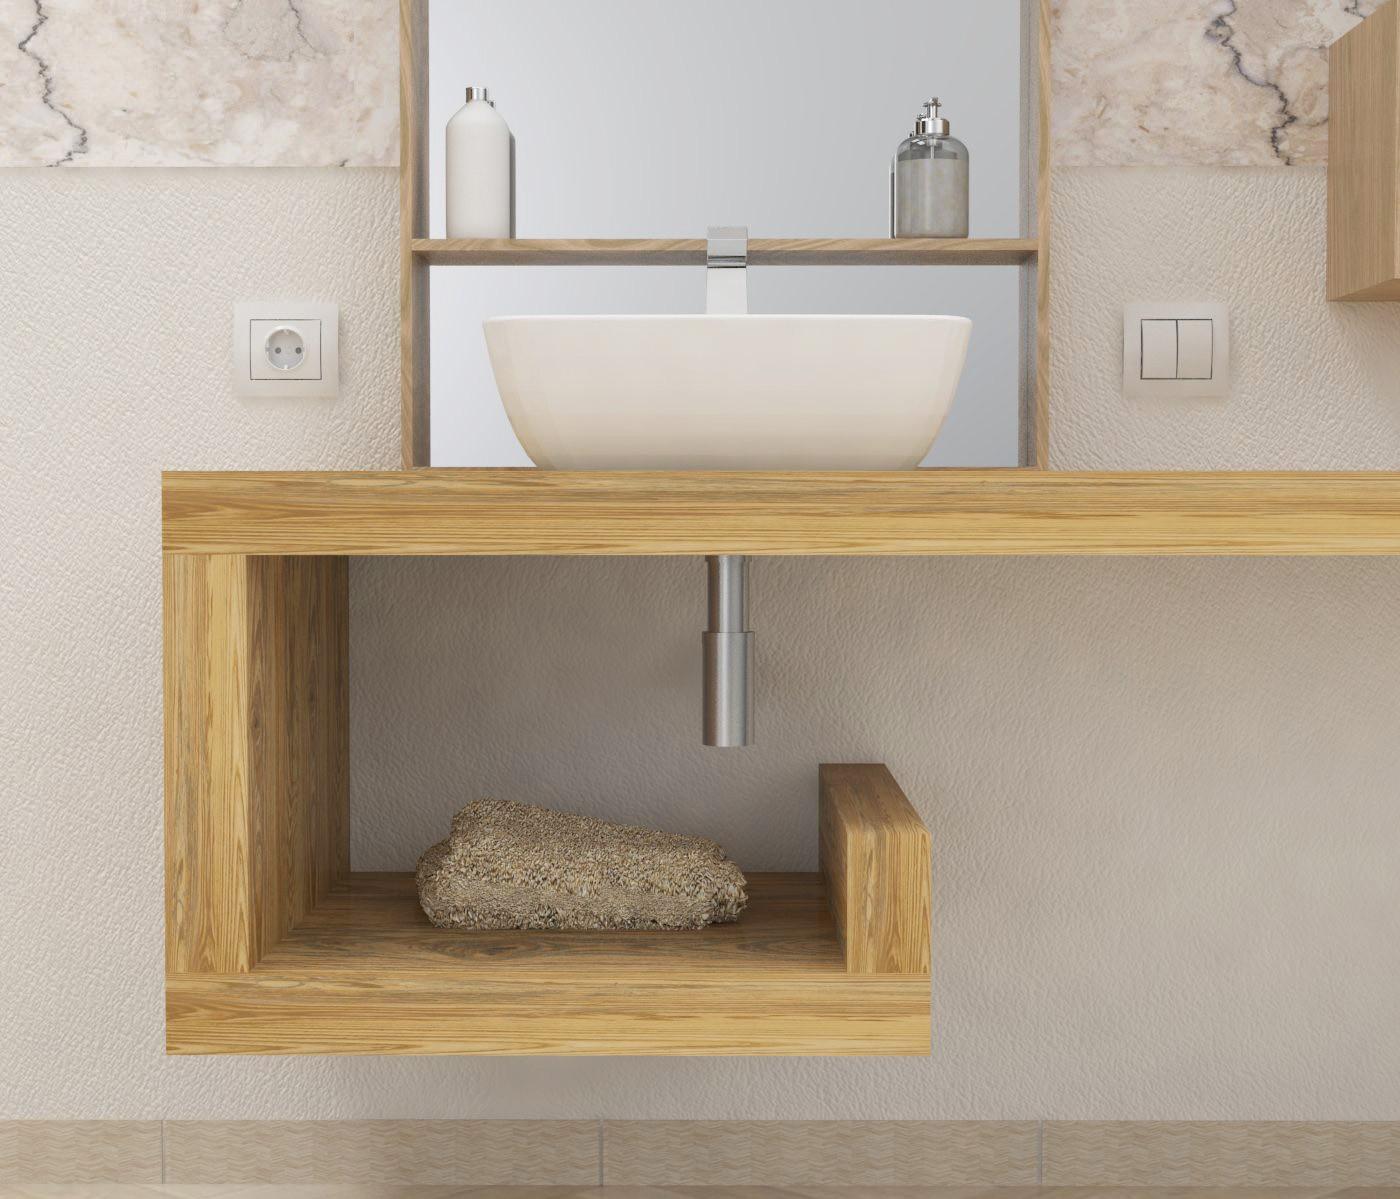 Mensola per lavabo - Mobili bagno - Legno massello